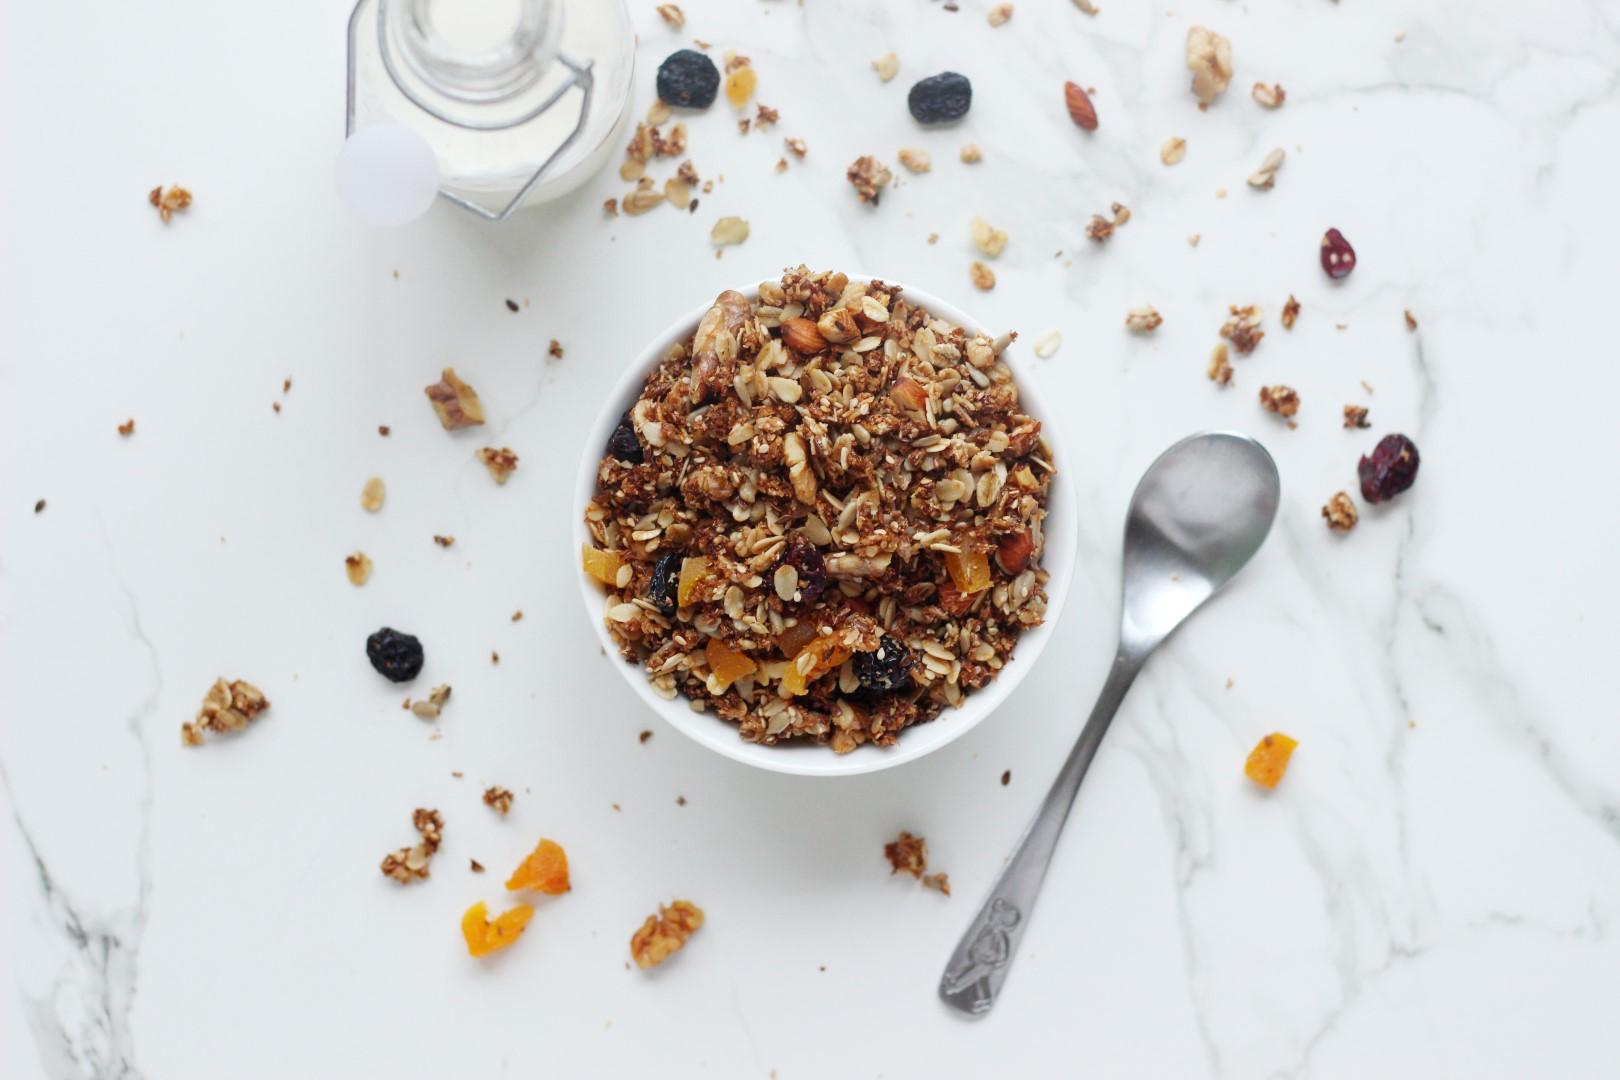 Granola, desayuno, nutricion, desayuno nutritivo, alimentos, comidas saludables.